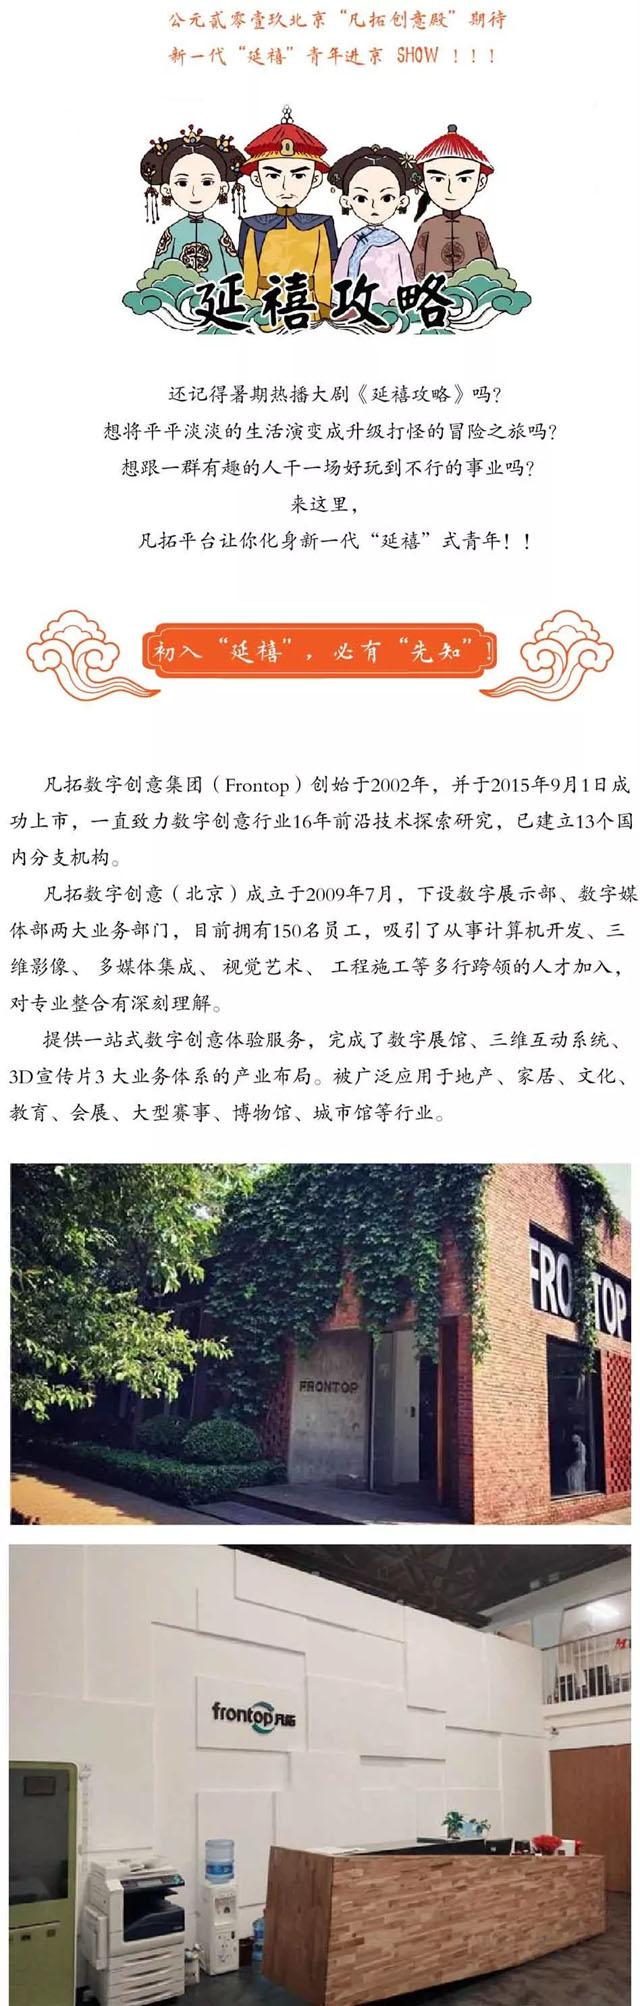 凡拓创意(北京)2019校园招聘网申全面启动